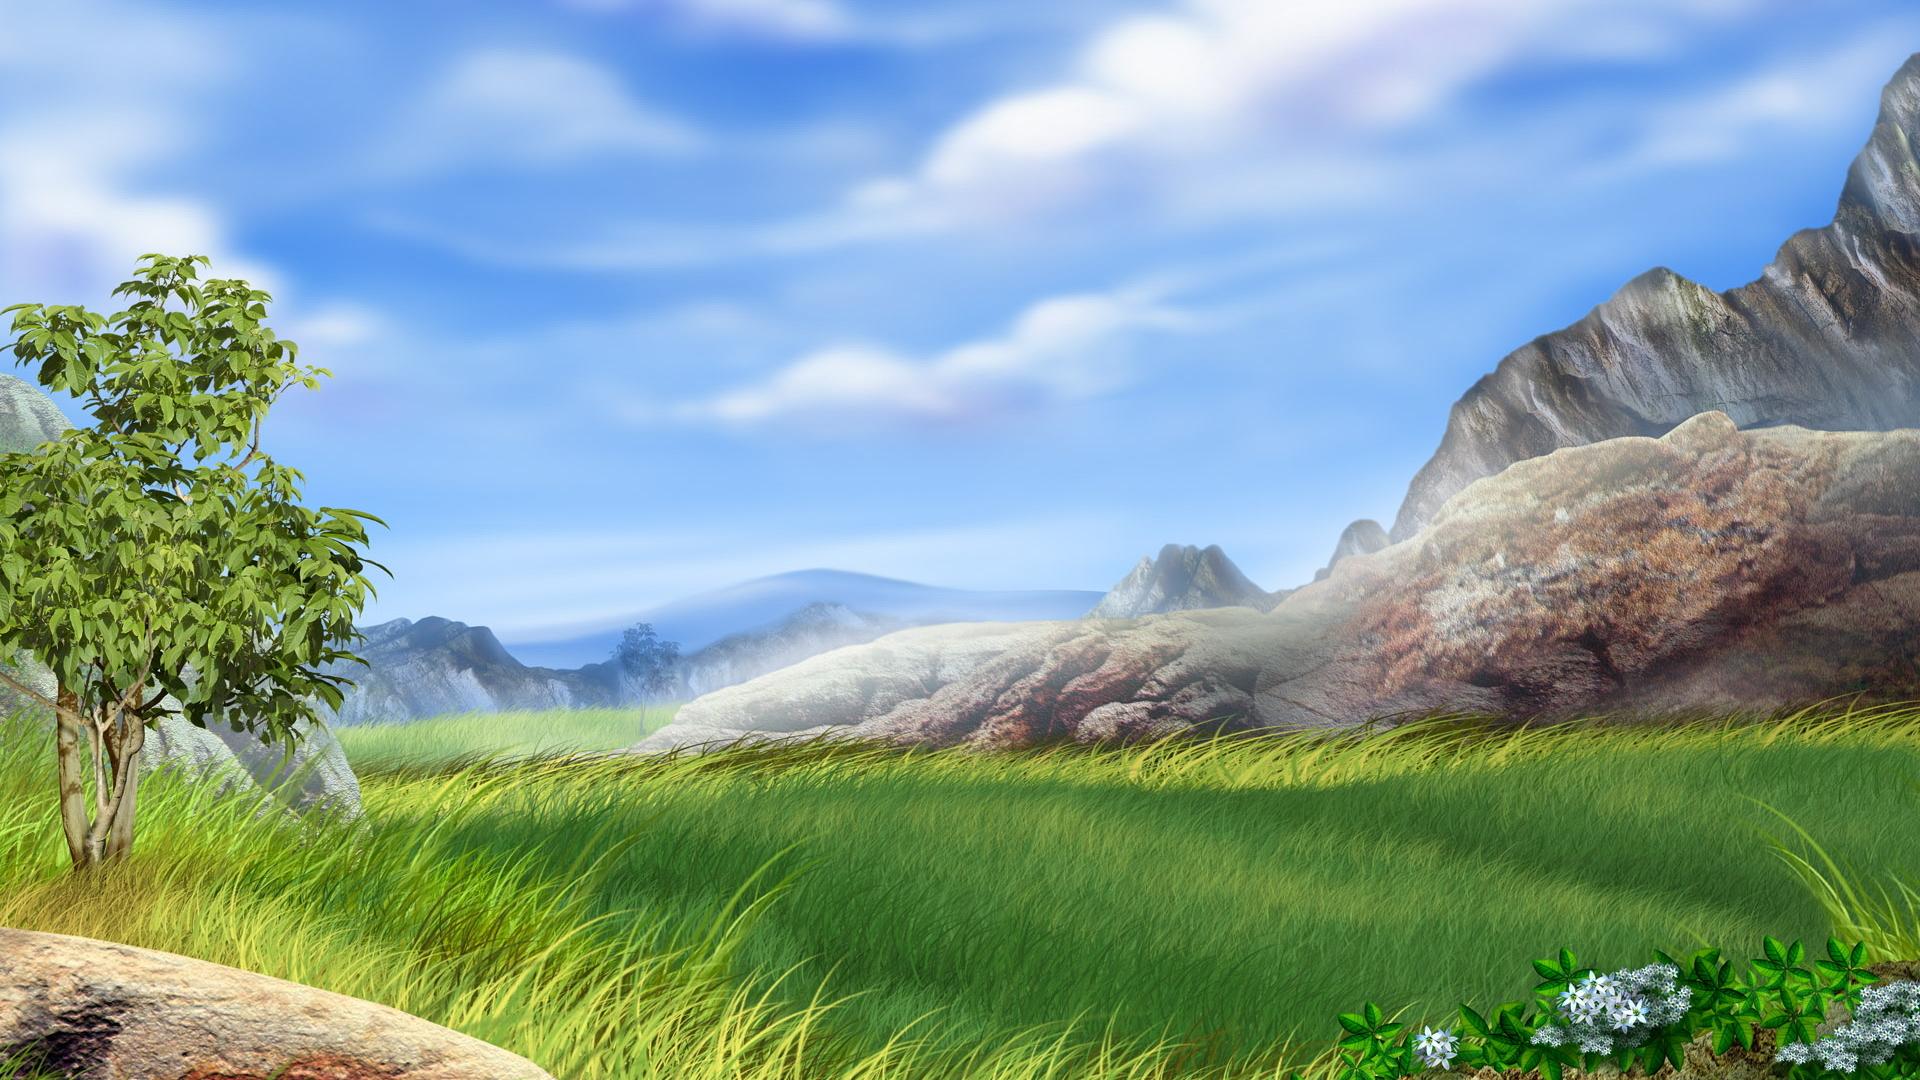 Скалы горы облака трава деревья  № 2863477 загрузить